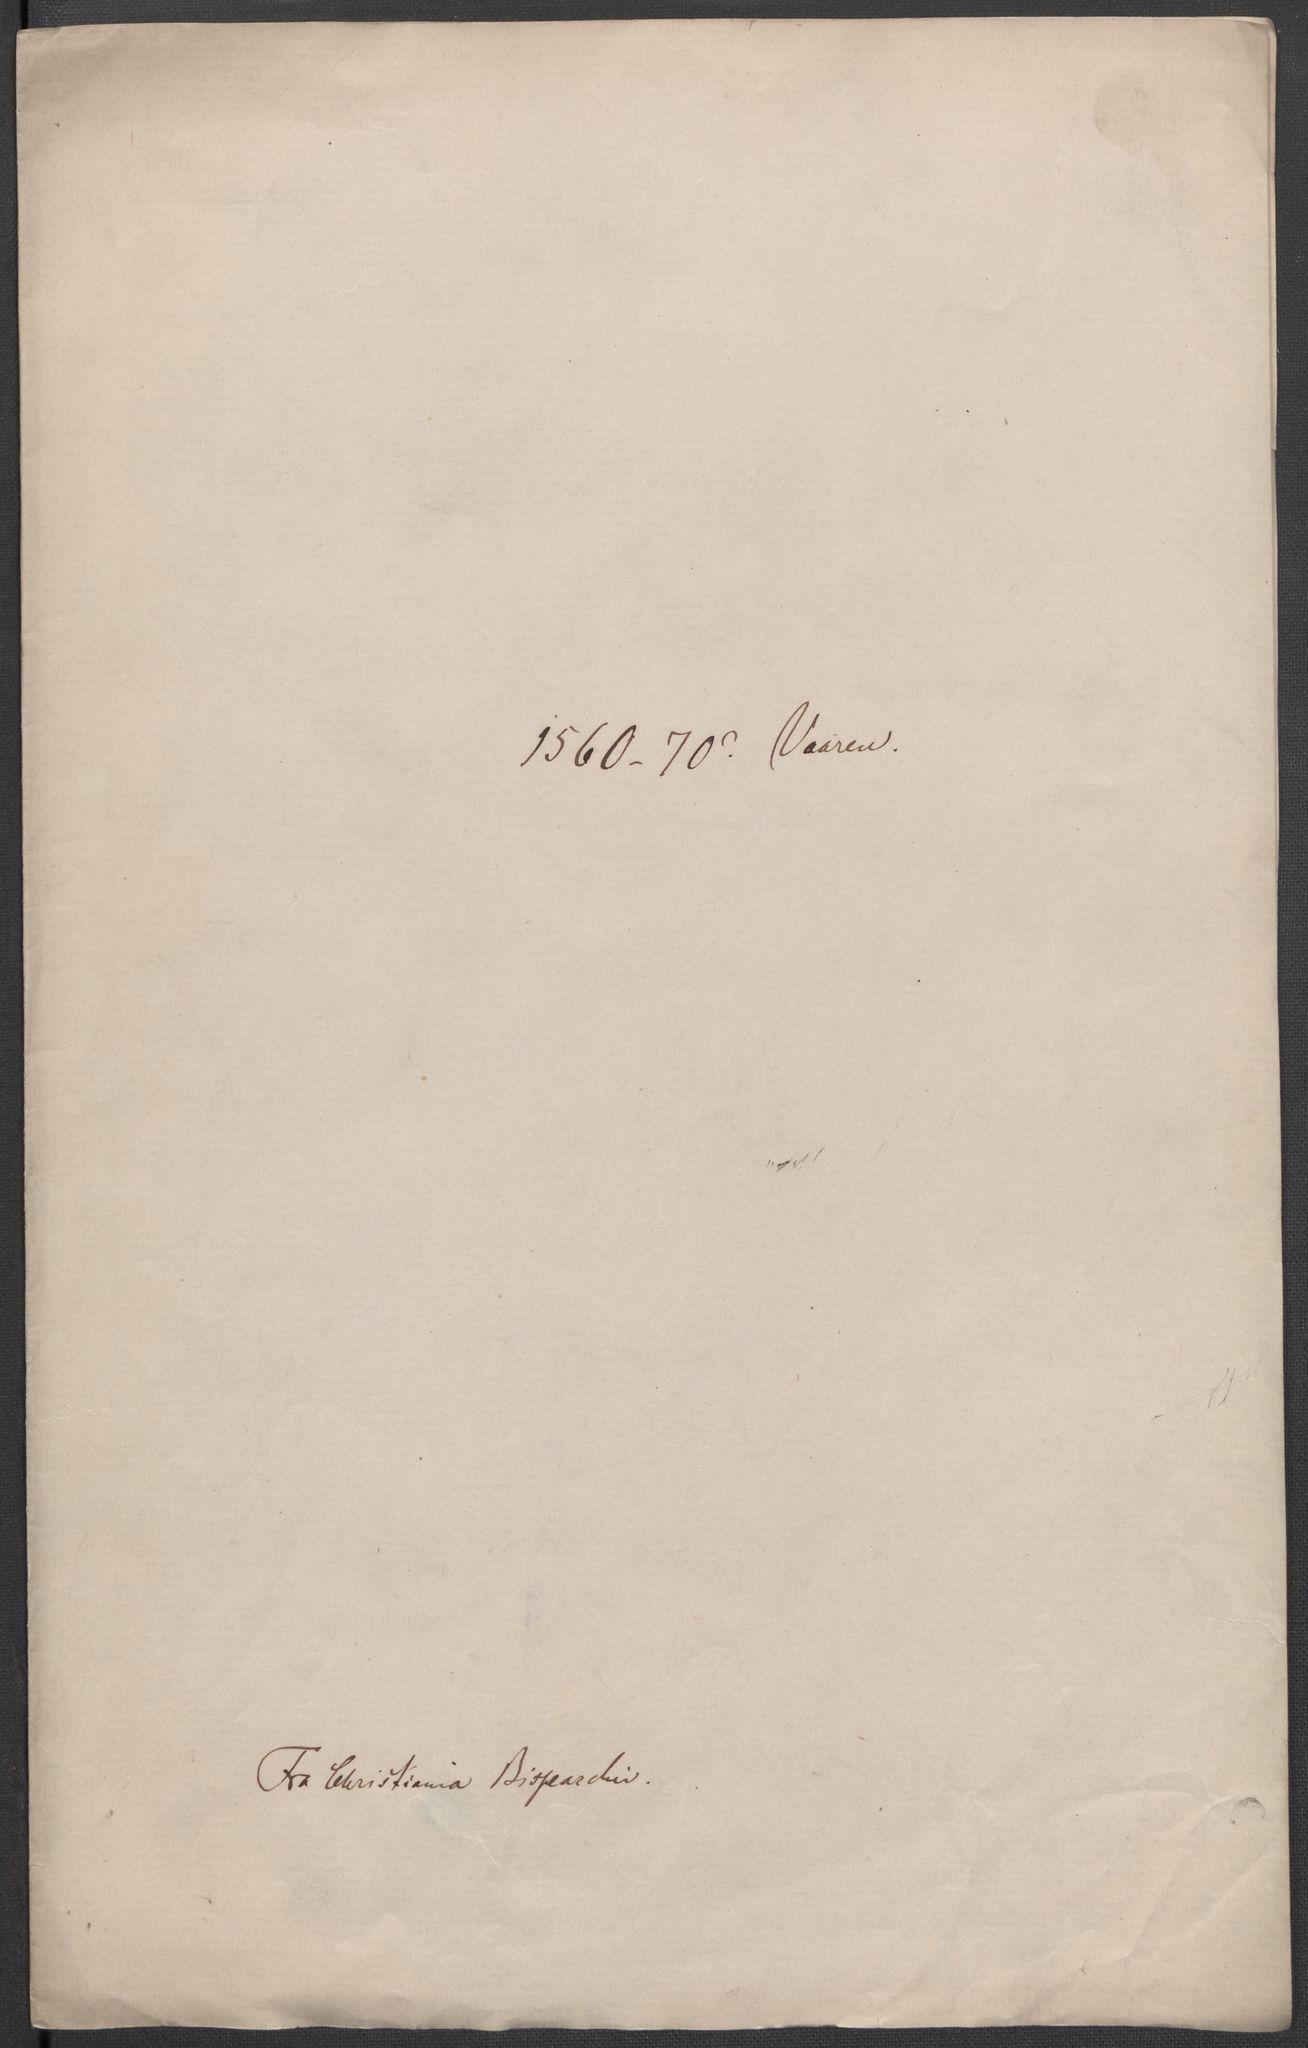 RA, Riksarkivets diplomsamling, F02/L0075: Dokumenter, 1570-1571, s. 20